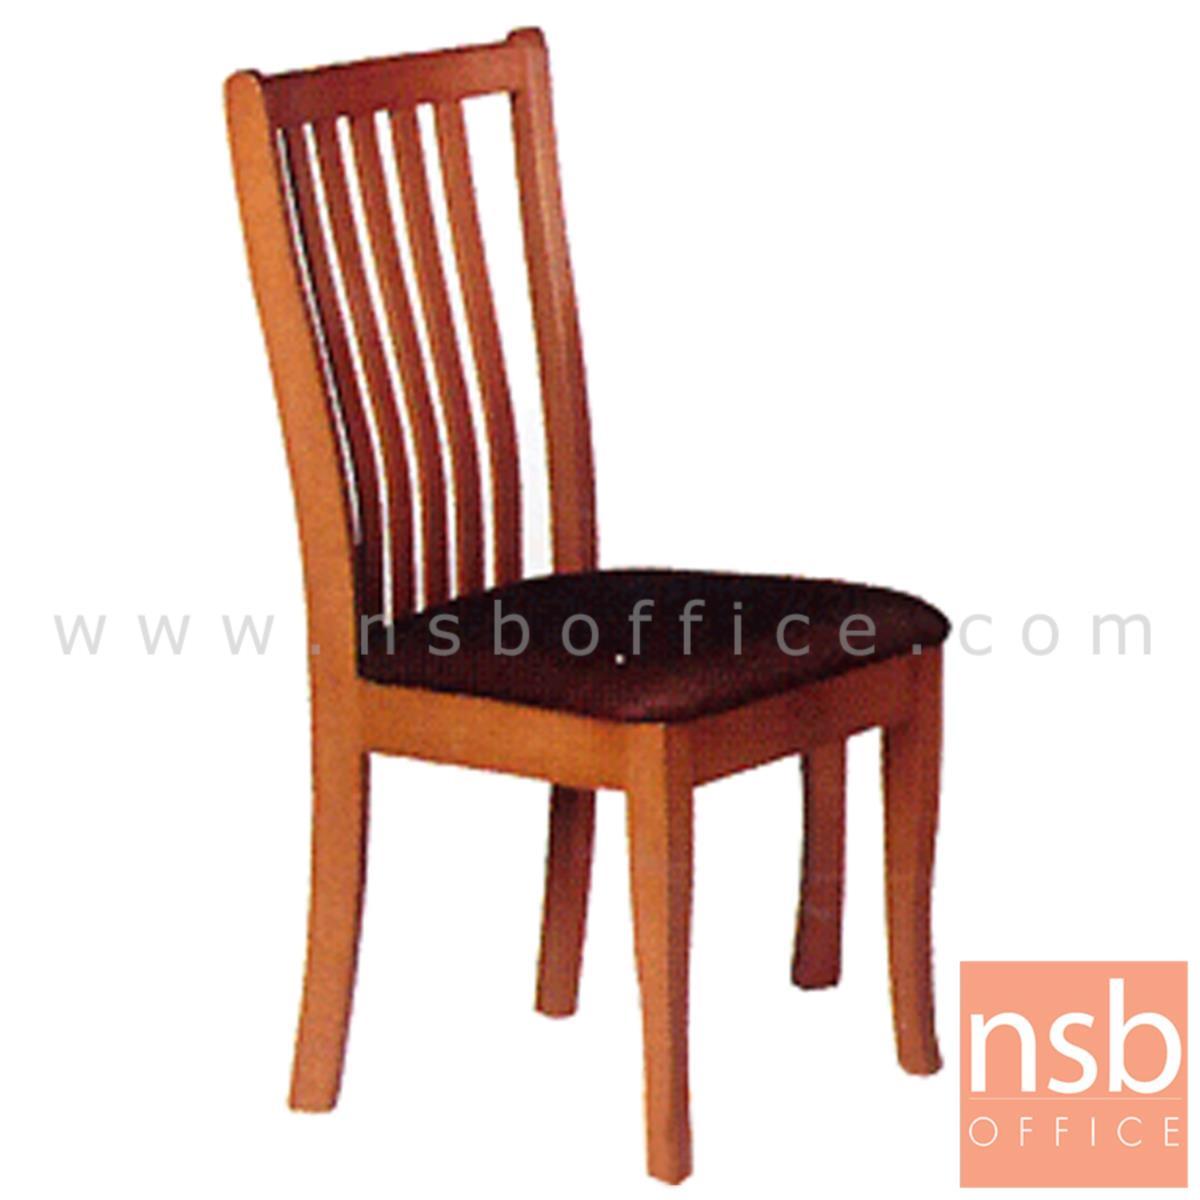 เก้าอี้ไม้ยางพาราที่นั่งหุ้มหนังเทียม รุ่น Lofting (ลอฟติง) ขาไม้